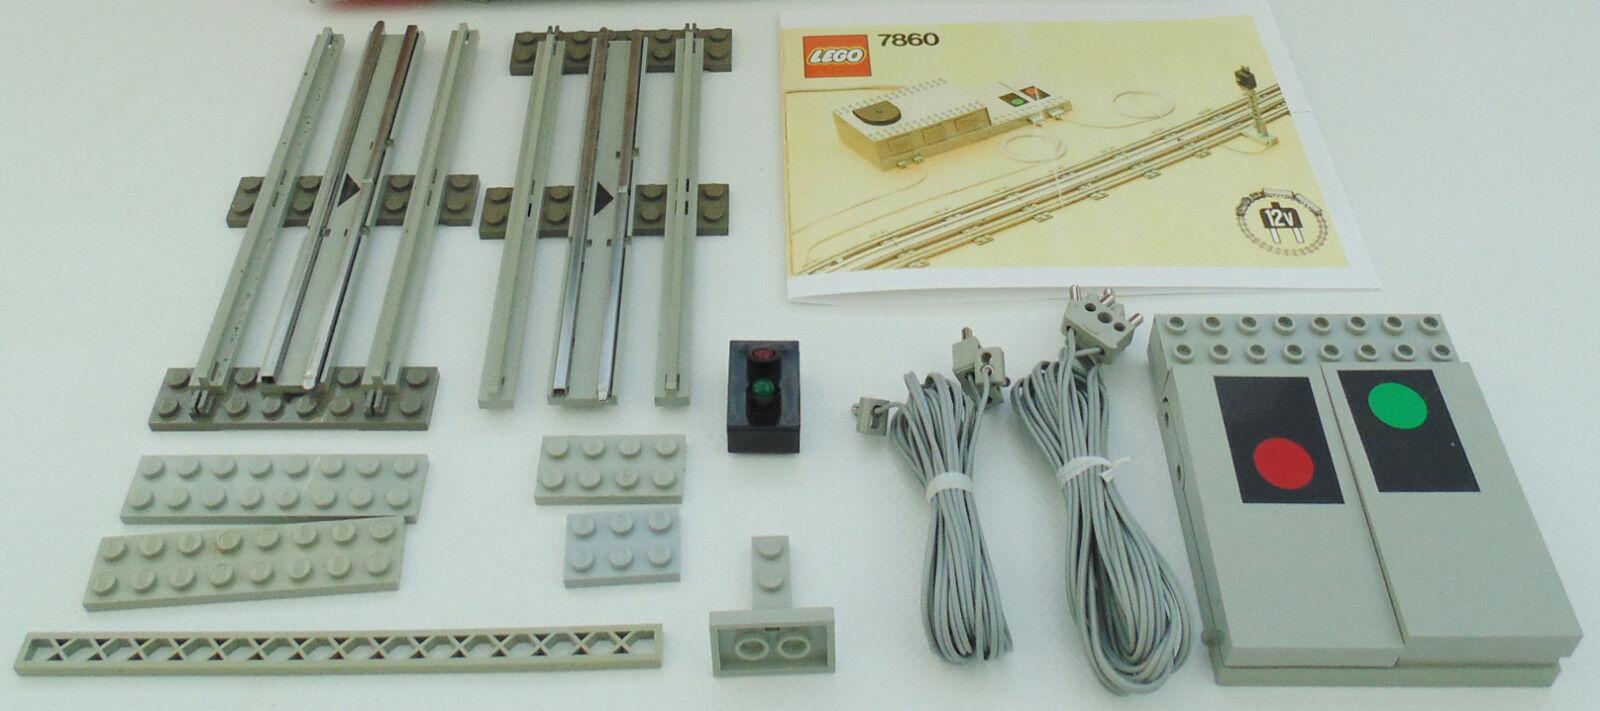 LEGO train train train 12 V 12 V télécomFemmedées Signal appendice 7860 + de recette 0423b5